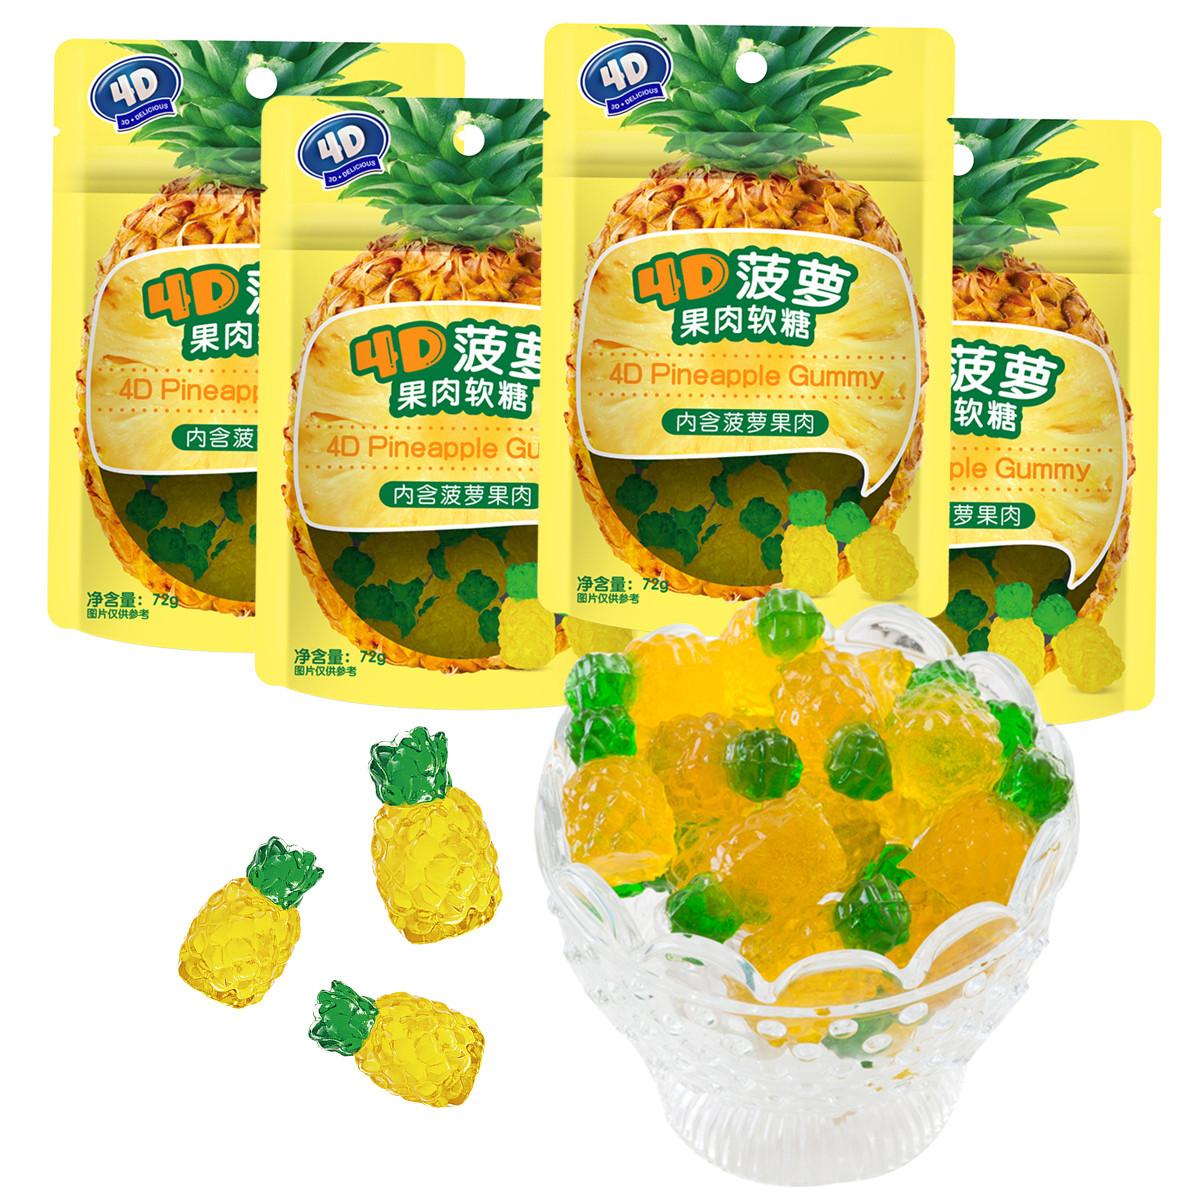 阿麦斯阿麦斯4D菠萝果肉软糖 网红菠萝创意糖果休闲零食   72g*46941308820461